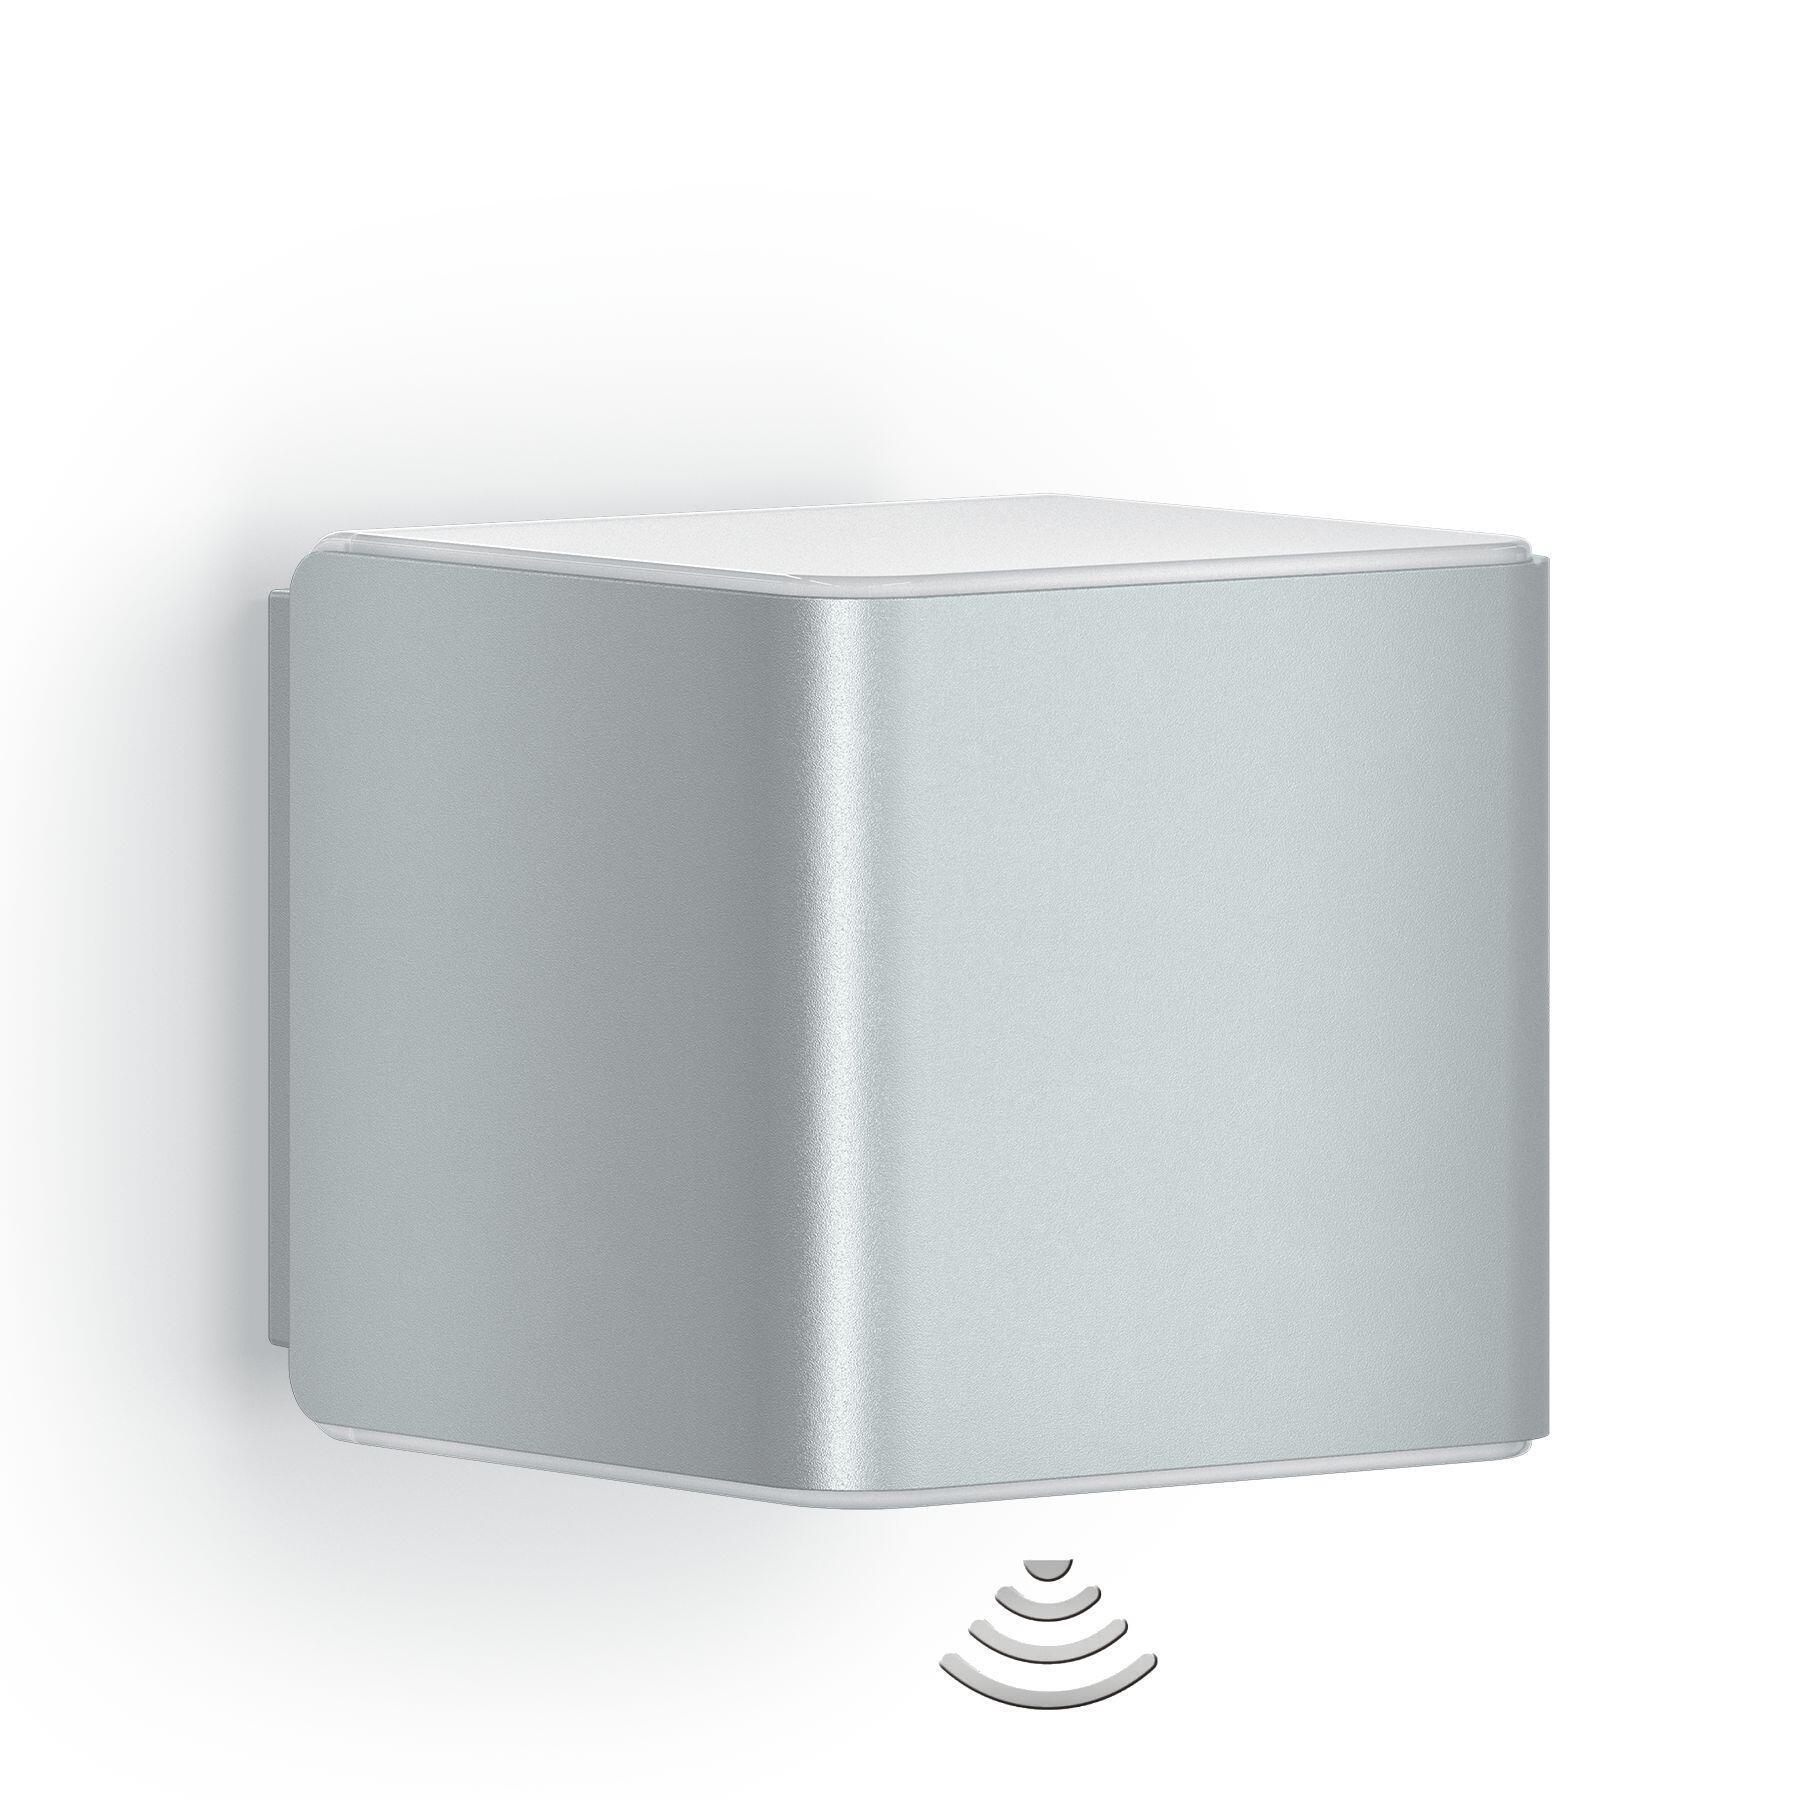 Applique L 840 LED integrato con sensore di movimento, grigio, 9.5W 305LM IP44 STEINEL - 6